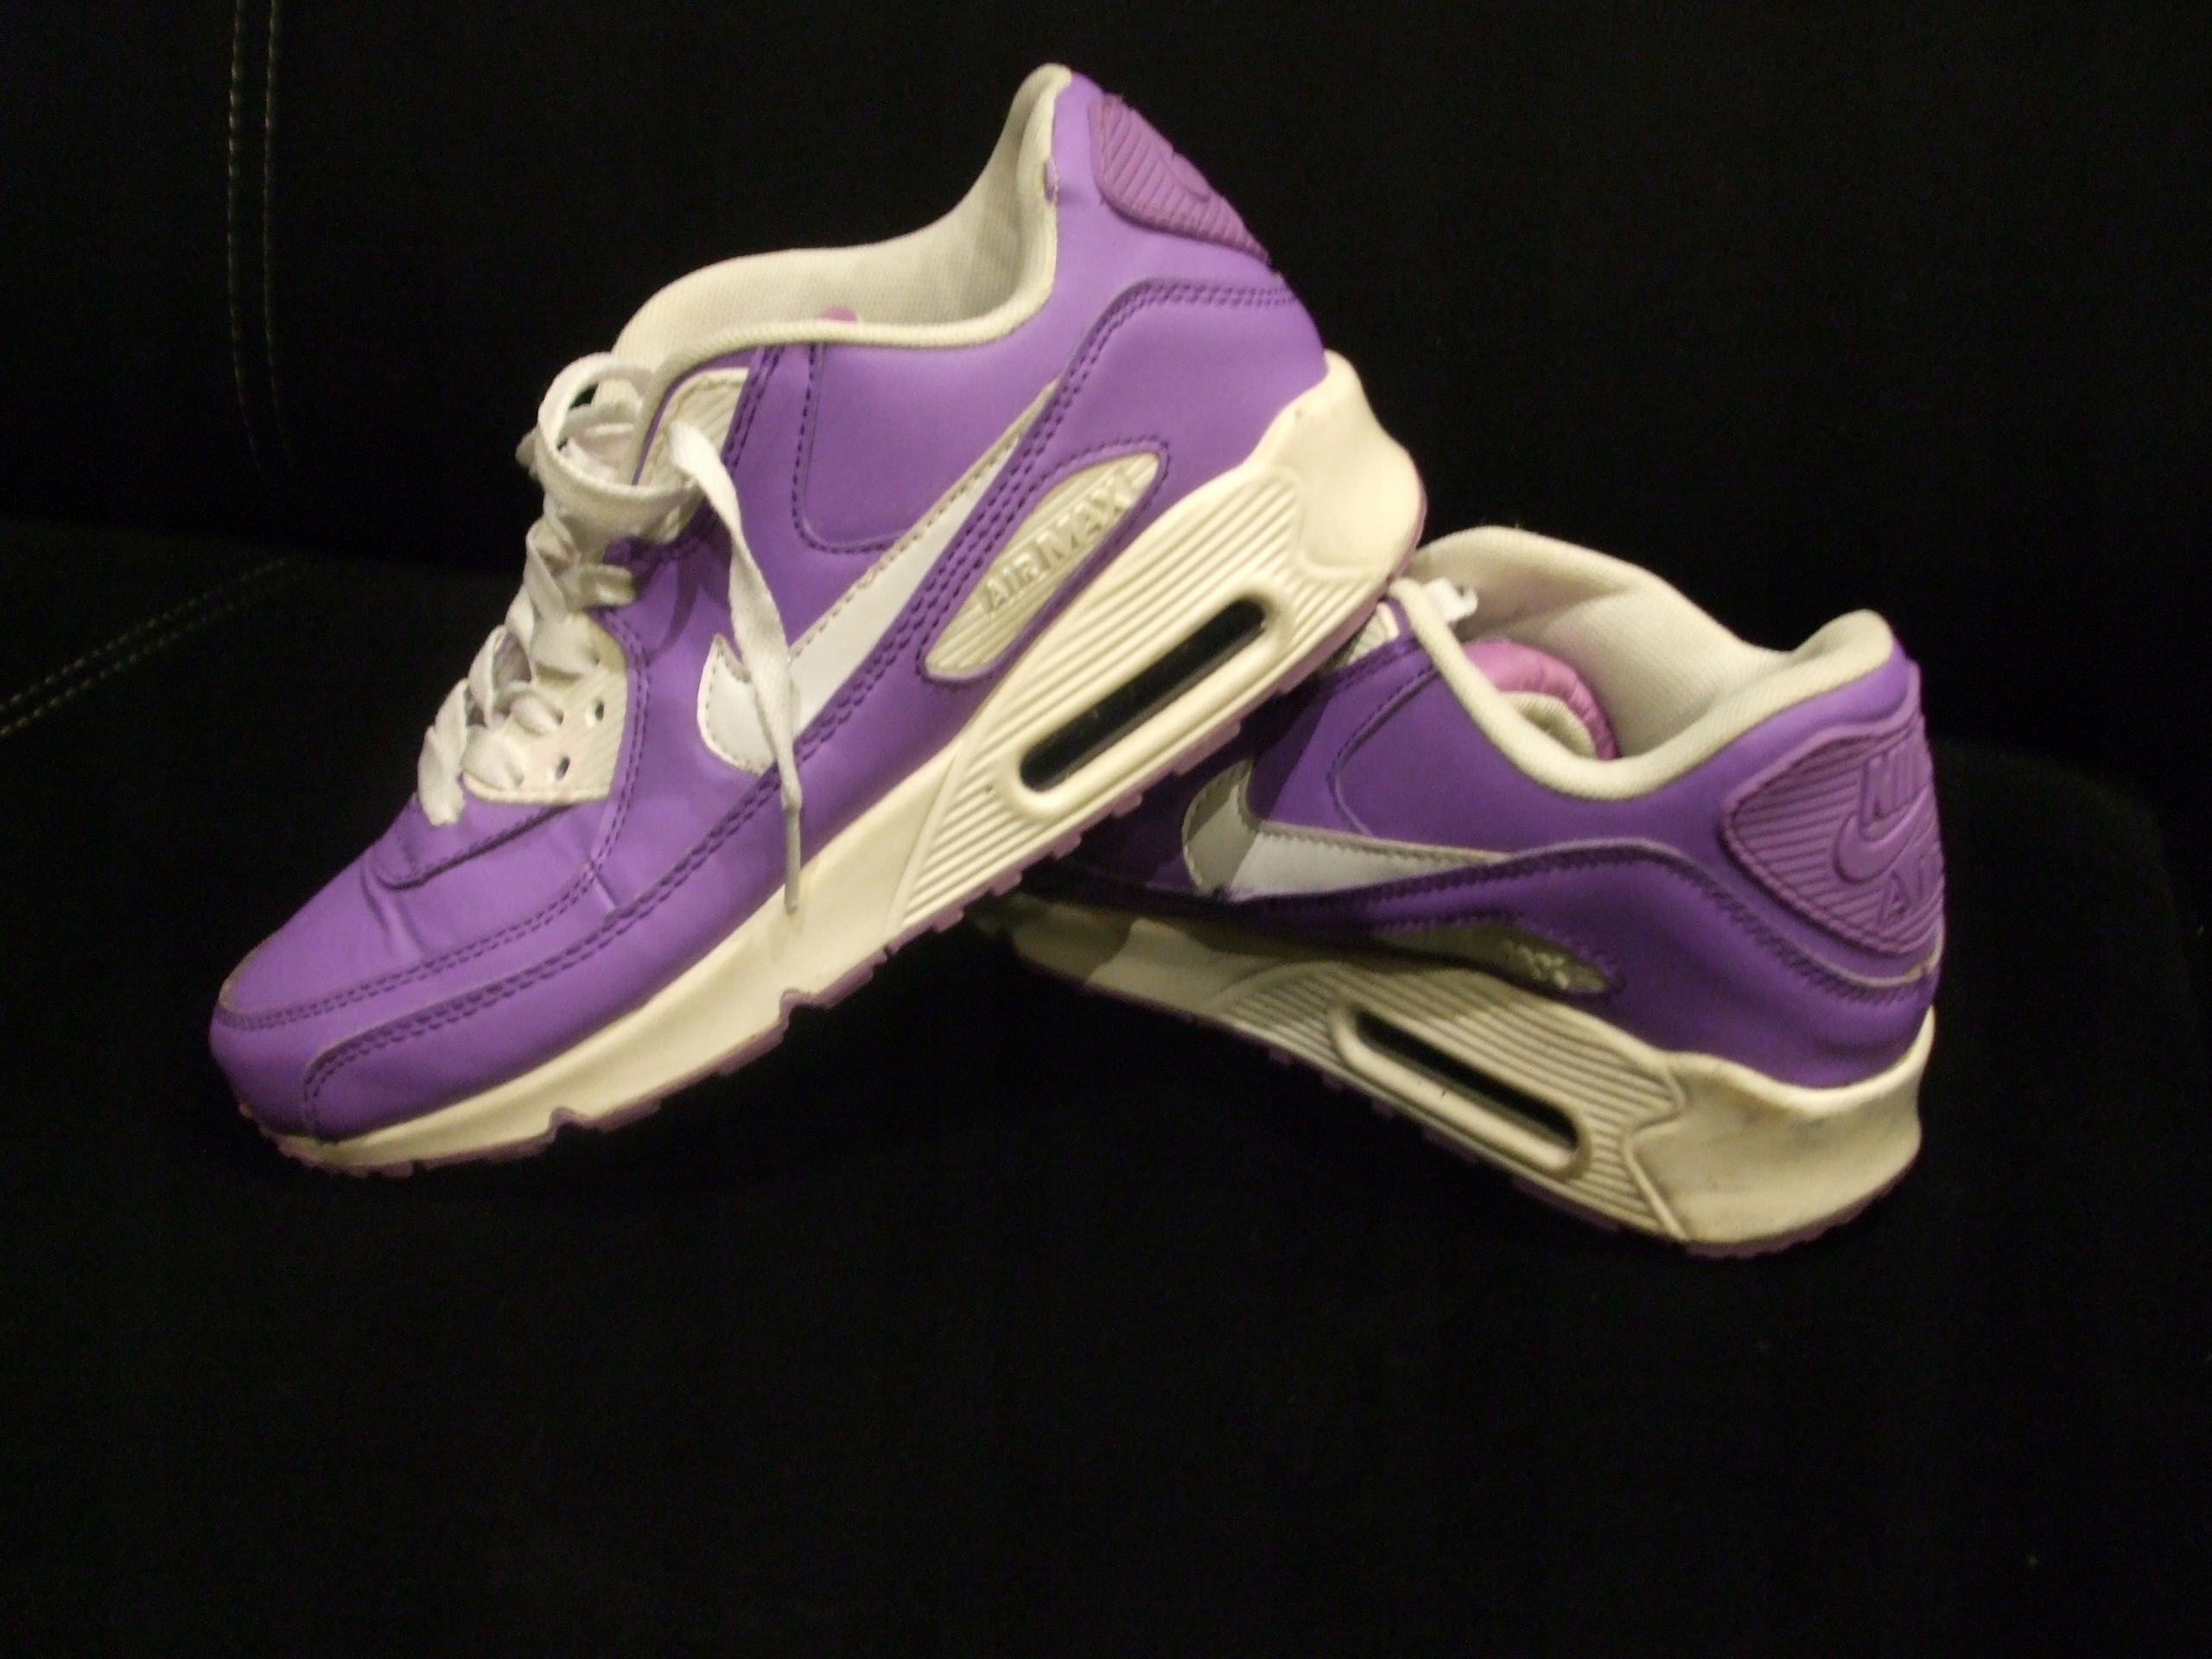 damskie Nike Air Max rozm 39 wkł25 7703371930 oficjalne